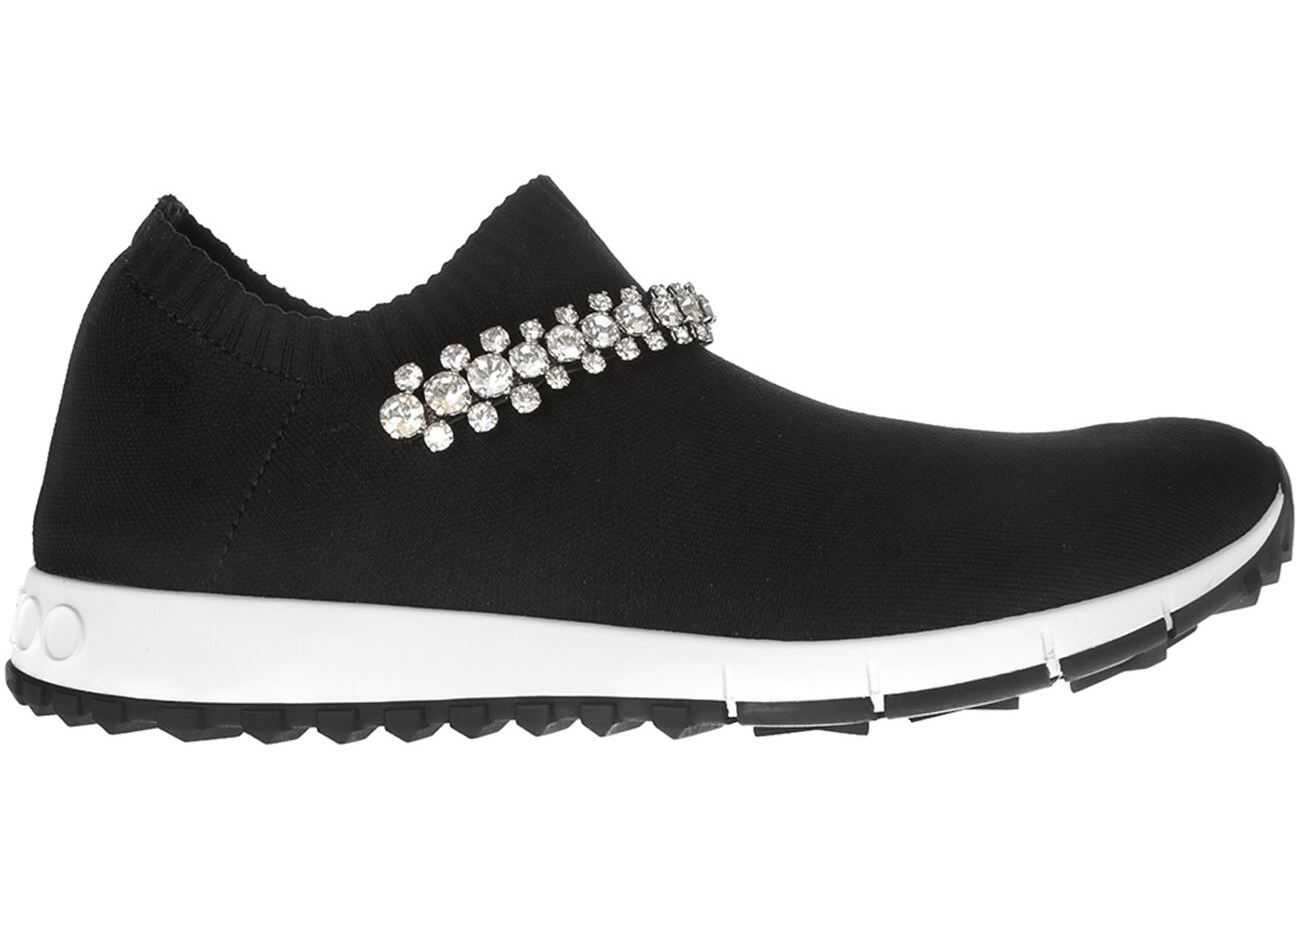 Jimmy Choo Verona Black Sneakers With Crystal Strap Black